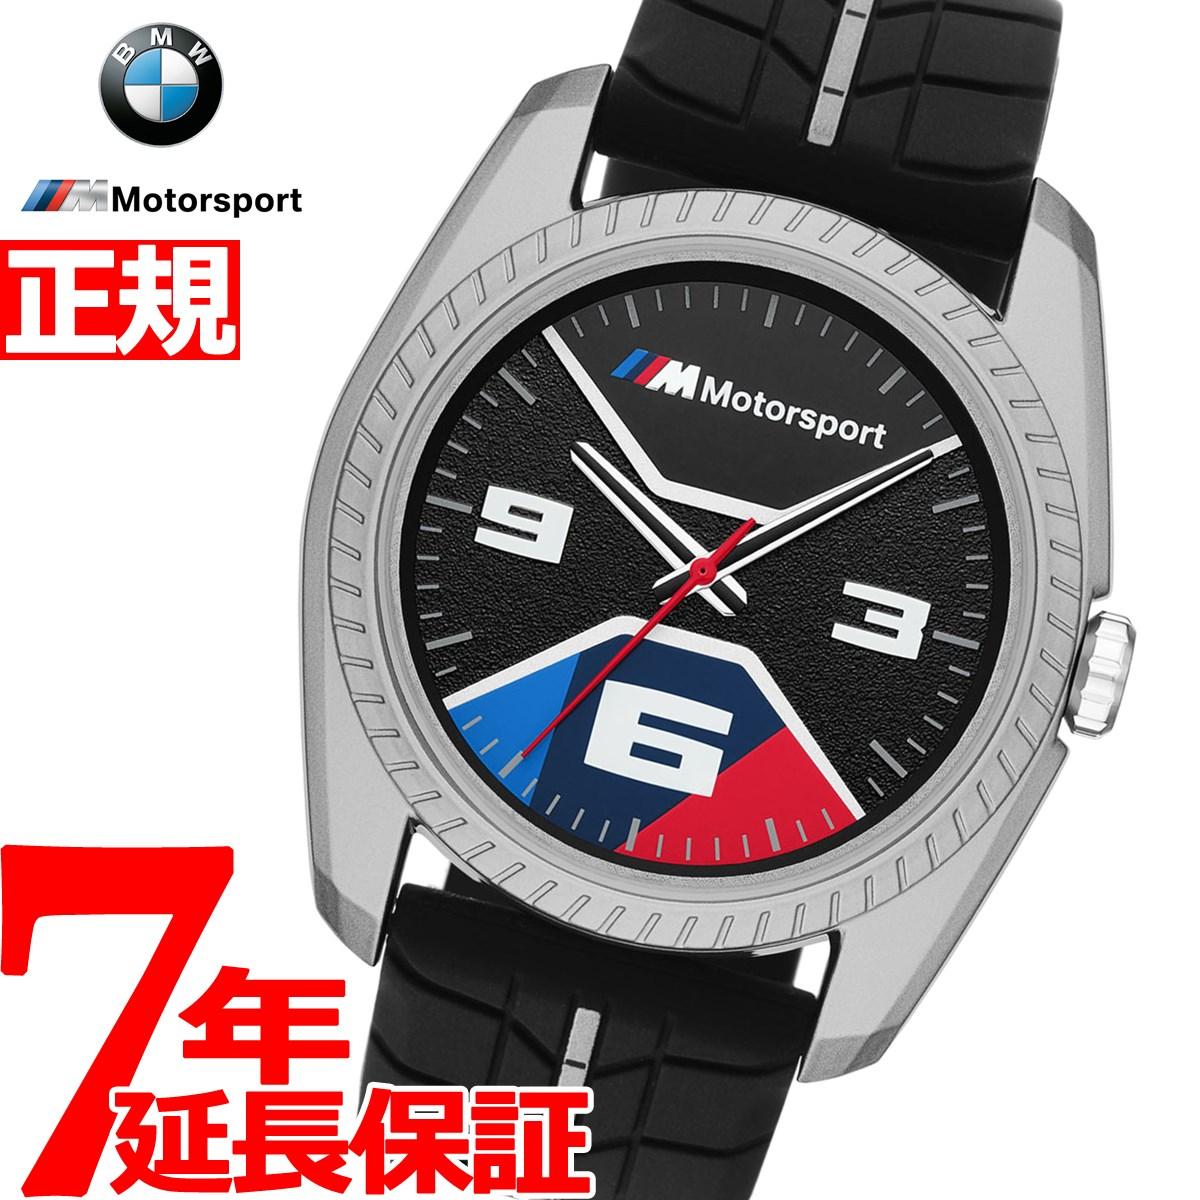 【5日0時~♪最大2000円OFFクーポン&店内ポイント最大51倍!5日23時59分まで】BMW 腕時計 メンズ Mモータースポーツ M MOTORSPORT BMW1005【2020 新作】